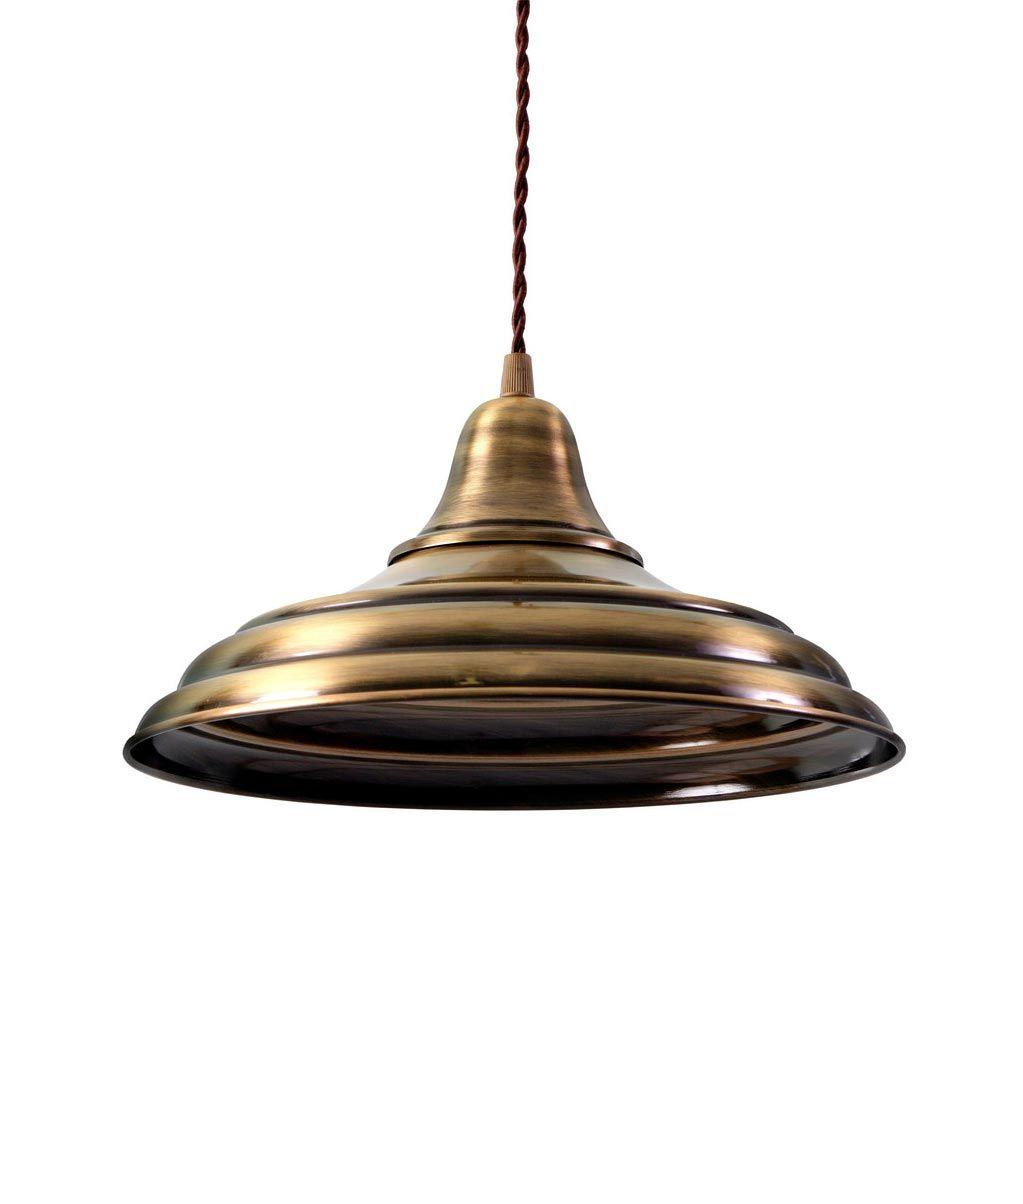 Lámpara industrial oro envejecido HANNOVER